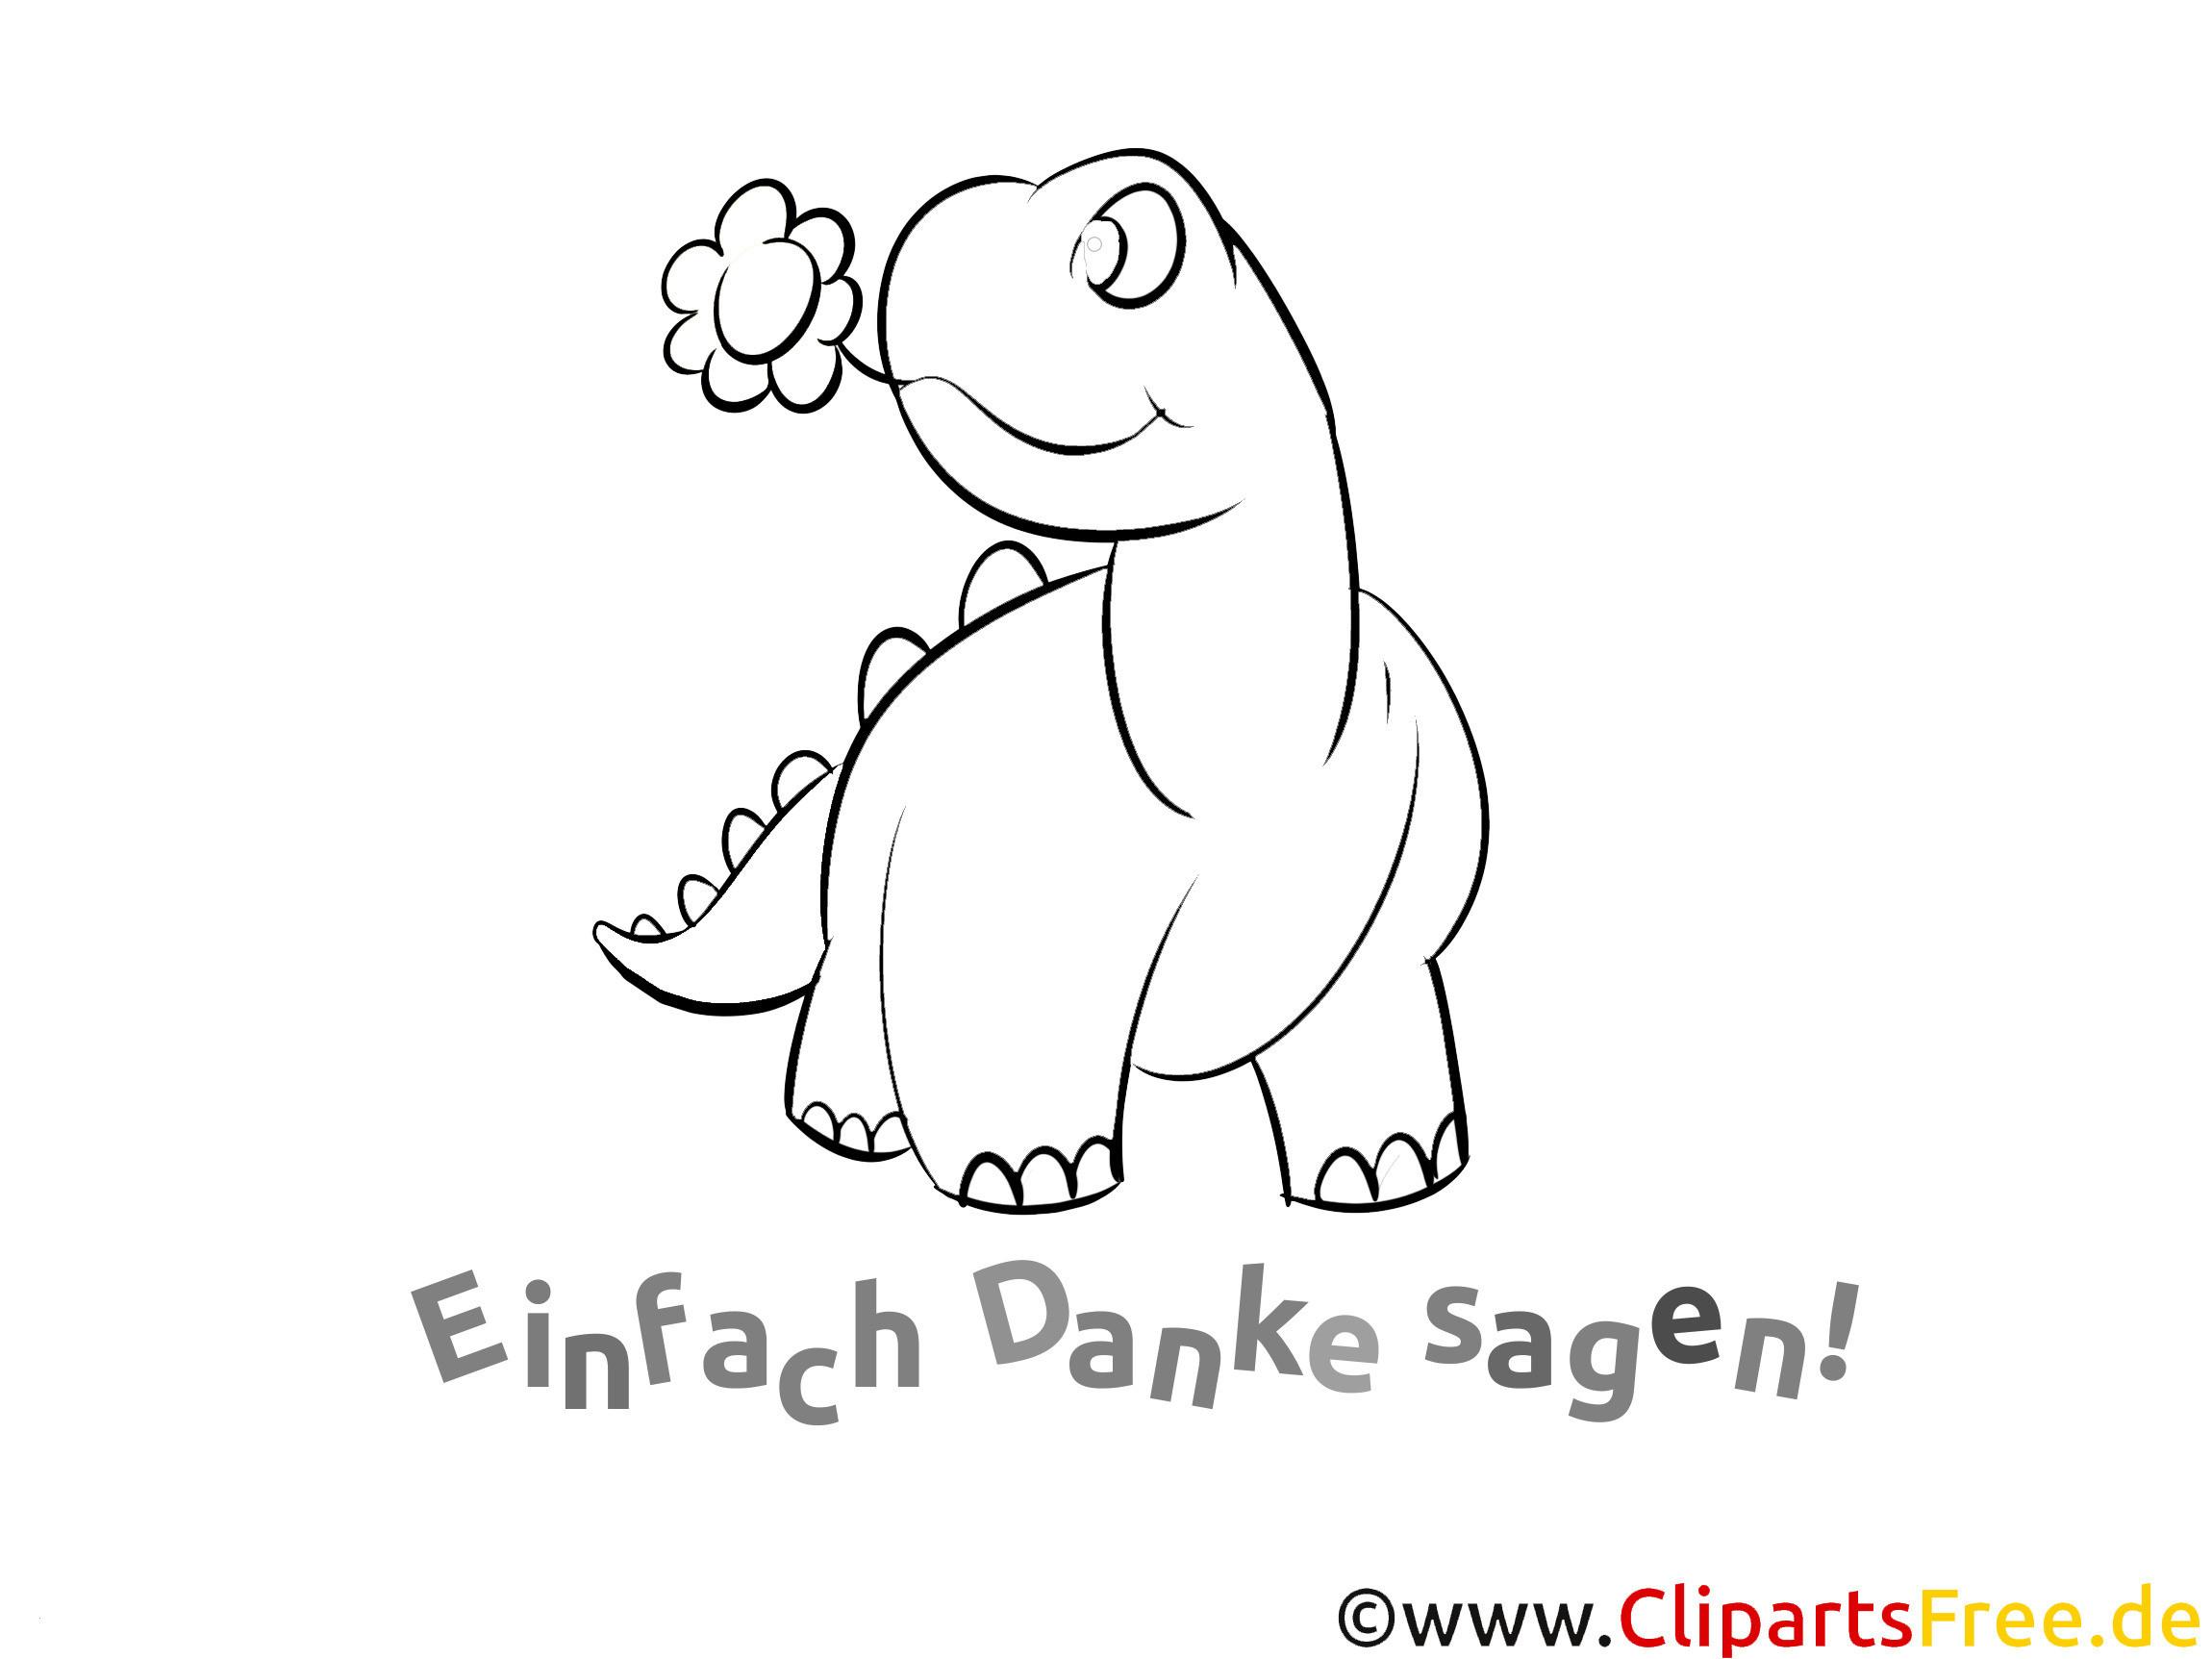 Happy Birthday Ausmalbilder Neu Ausmalbilder Weihnachten Schneemann Luxus Igel Grundschule 0d Genial Bild